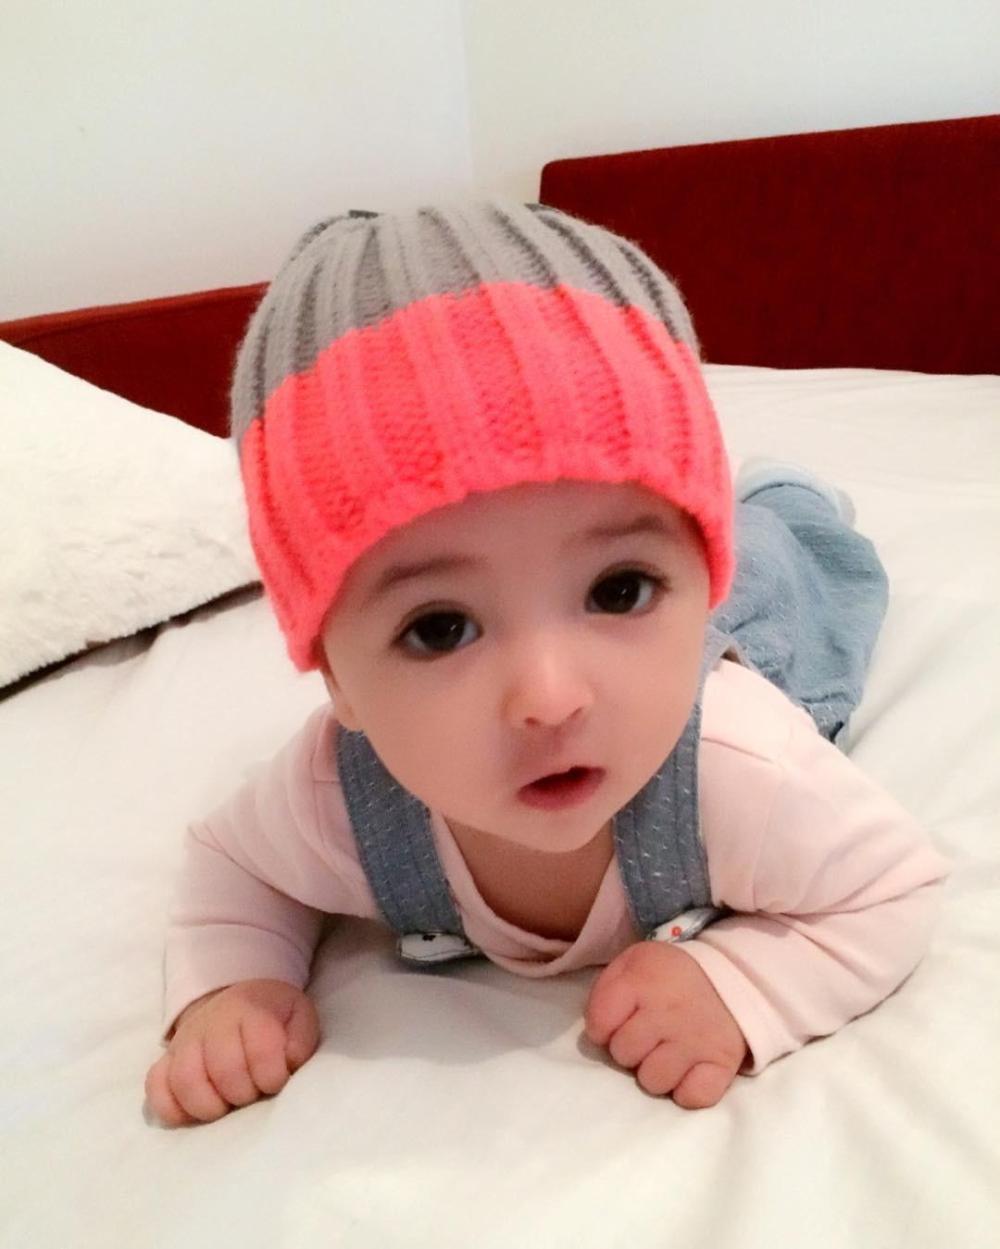 宝宝 壁纸 儿童 孩子 小孩 婴儿 1000_1249 竖版 竖屏 手机